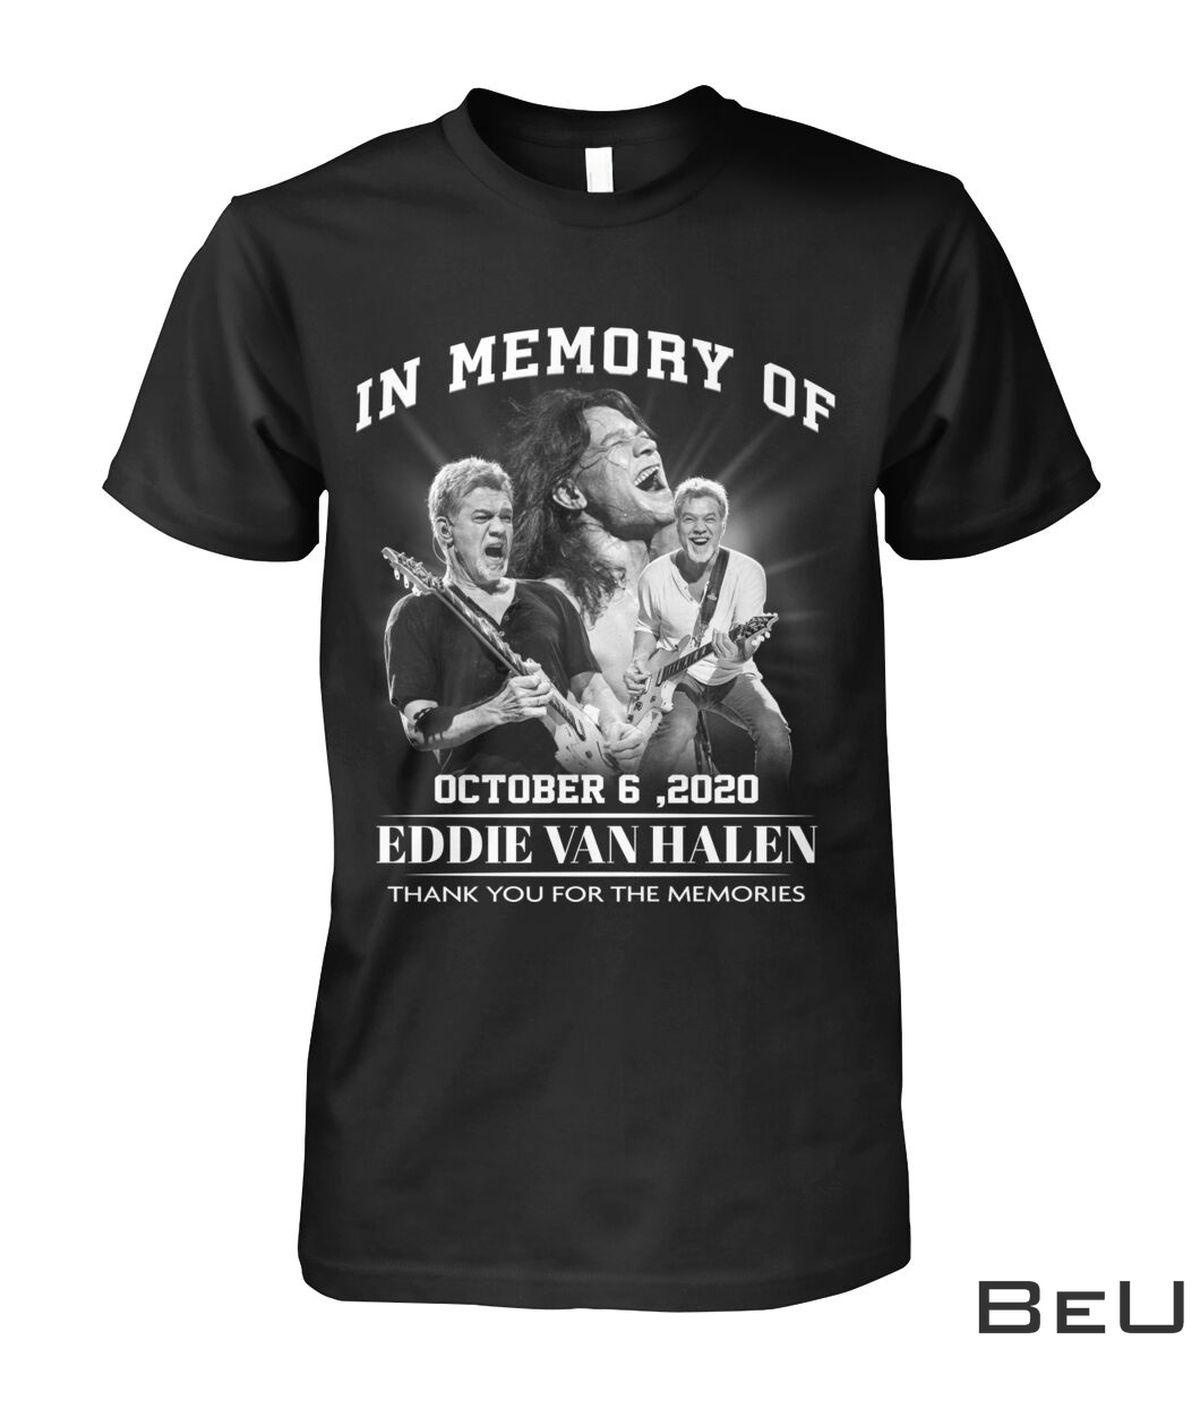 In Memory Of October 6 2020 Eddie Van Halen Thank You For The Memories Shirt